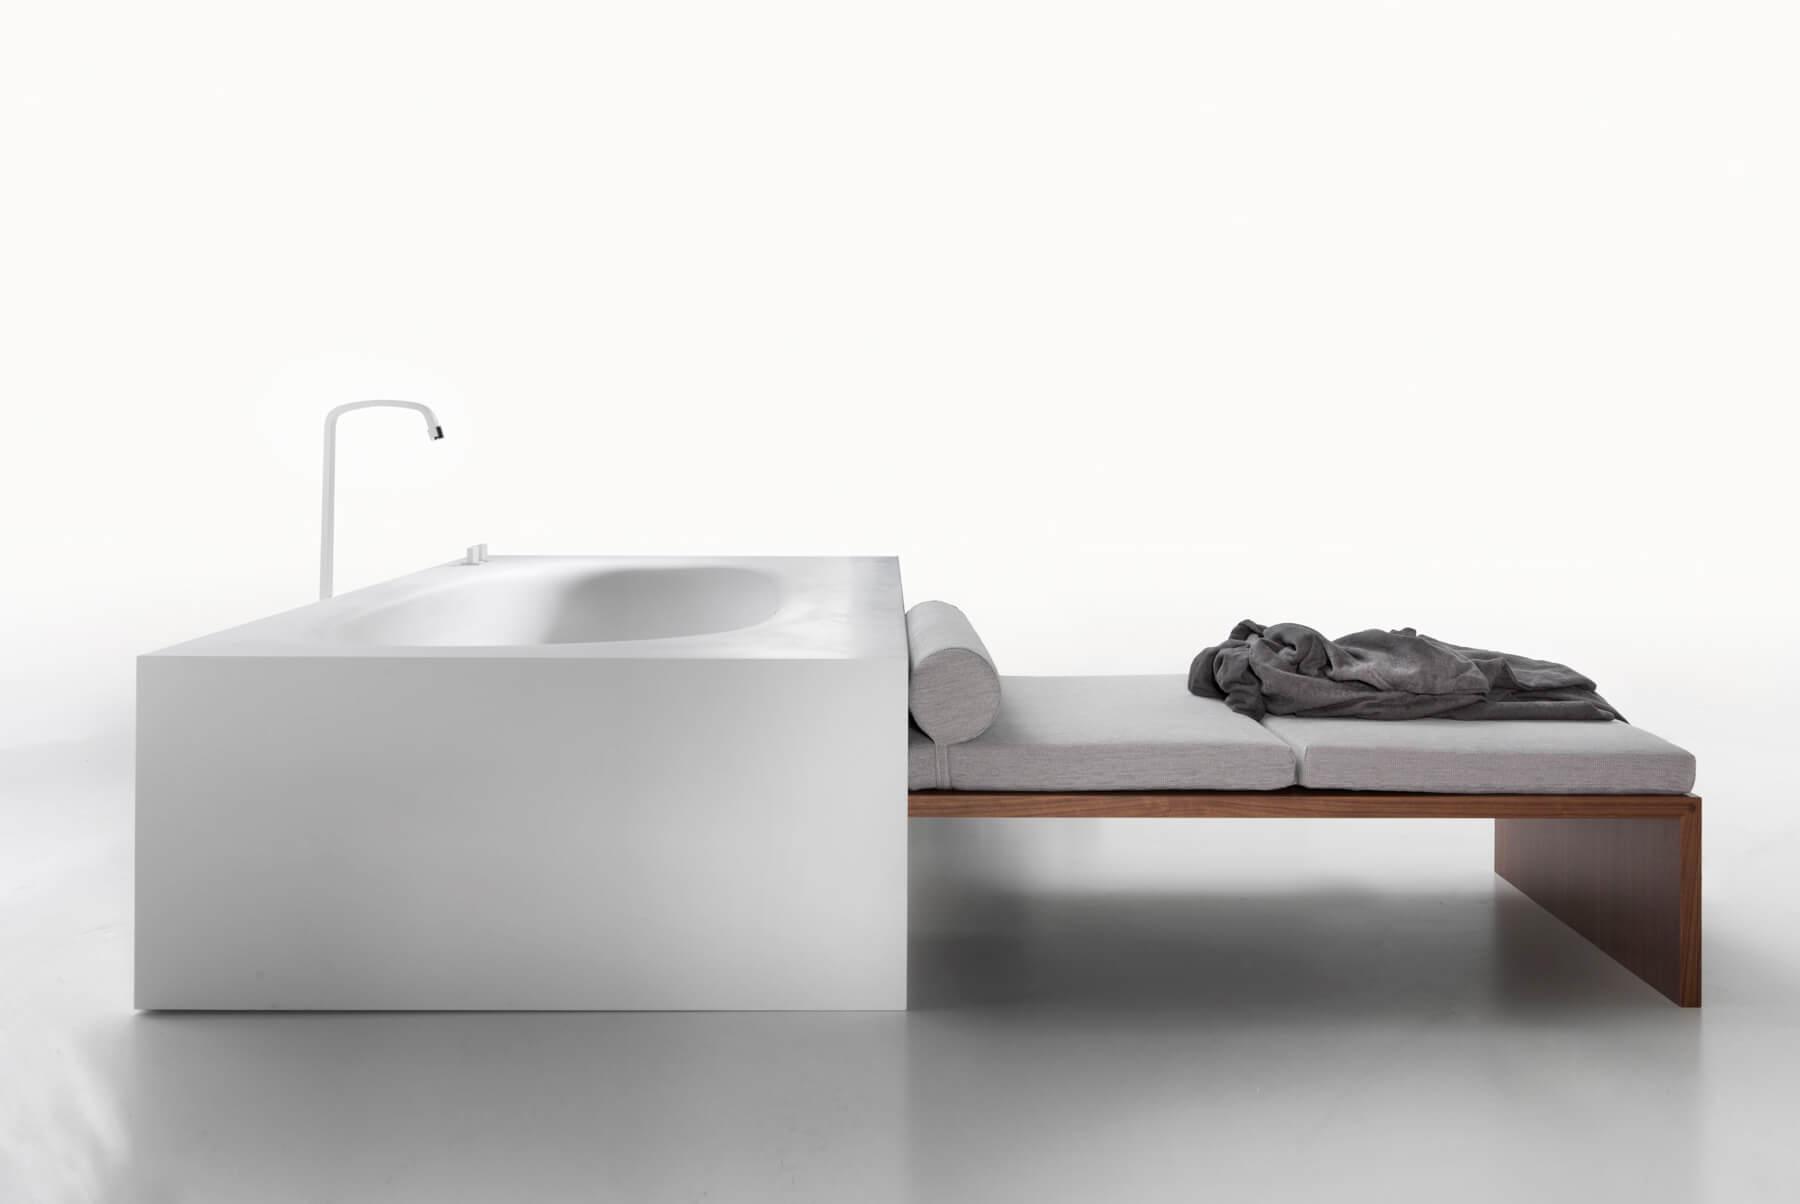 Bath-Tubs-Falper-Vascamisura-4-1800x1204